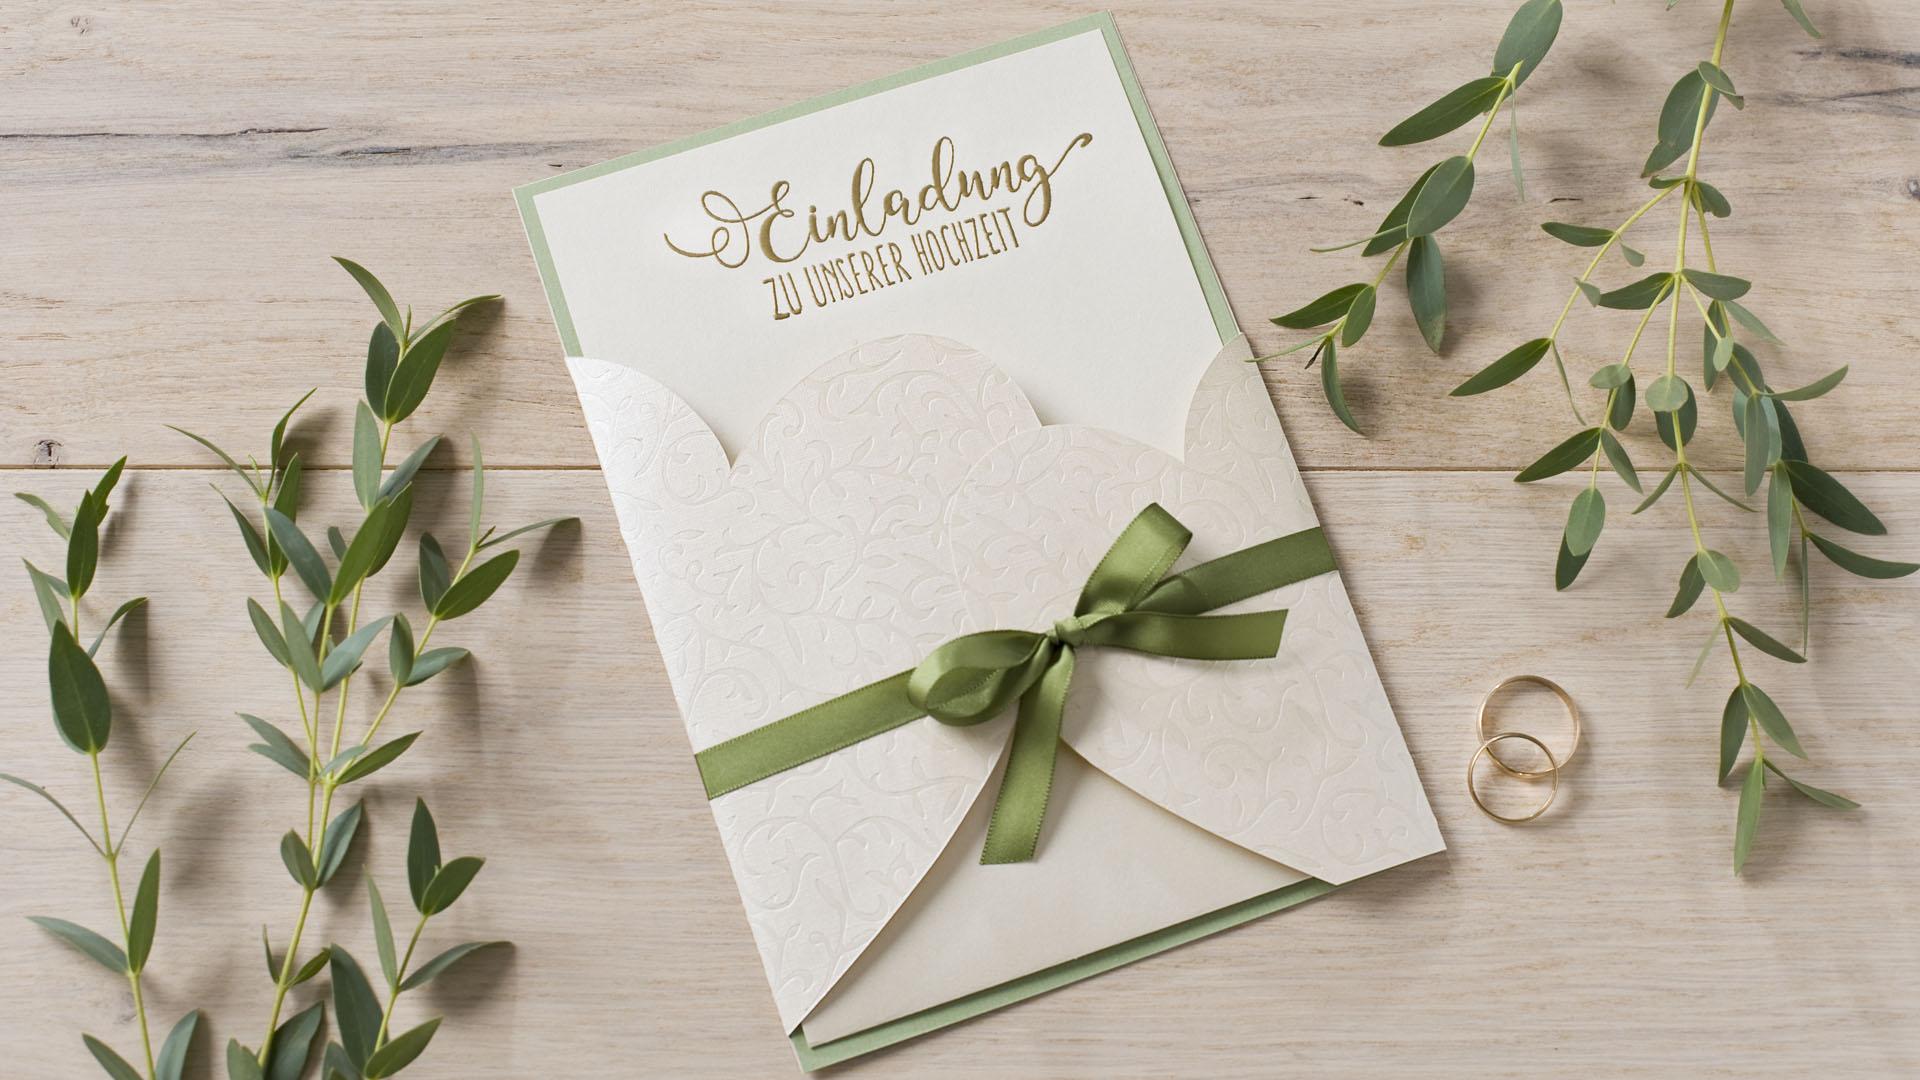 Ideen für Hochzeiten: In Liebe verbunden | Einladung